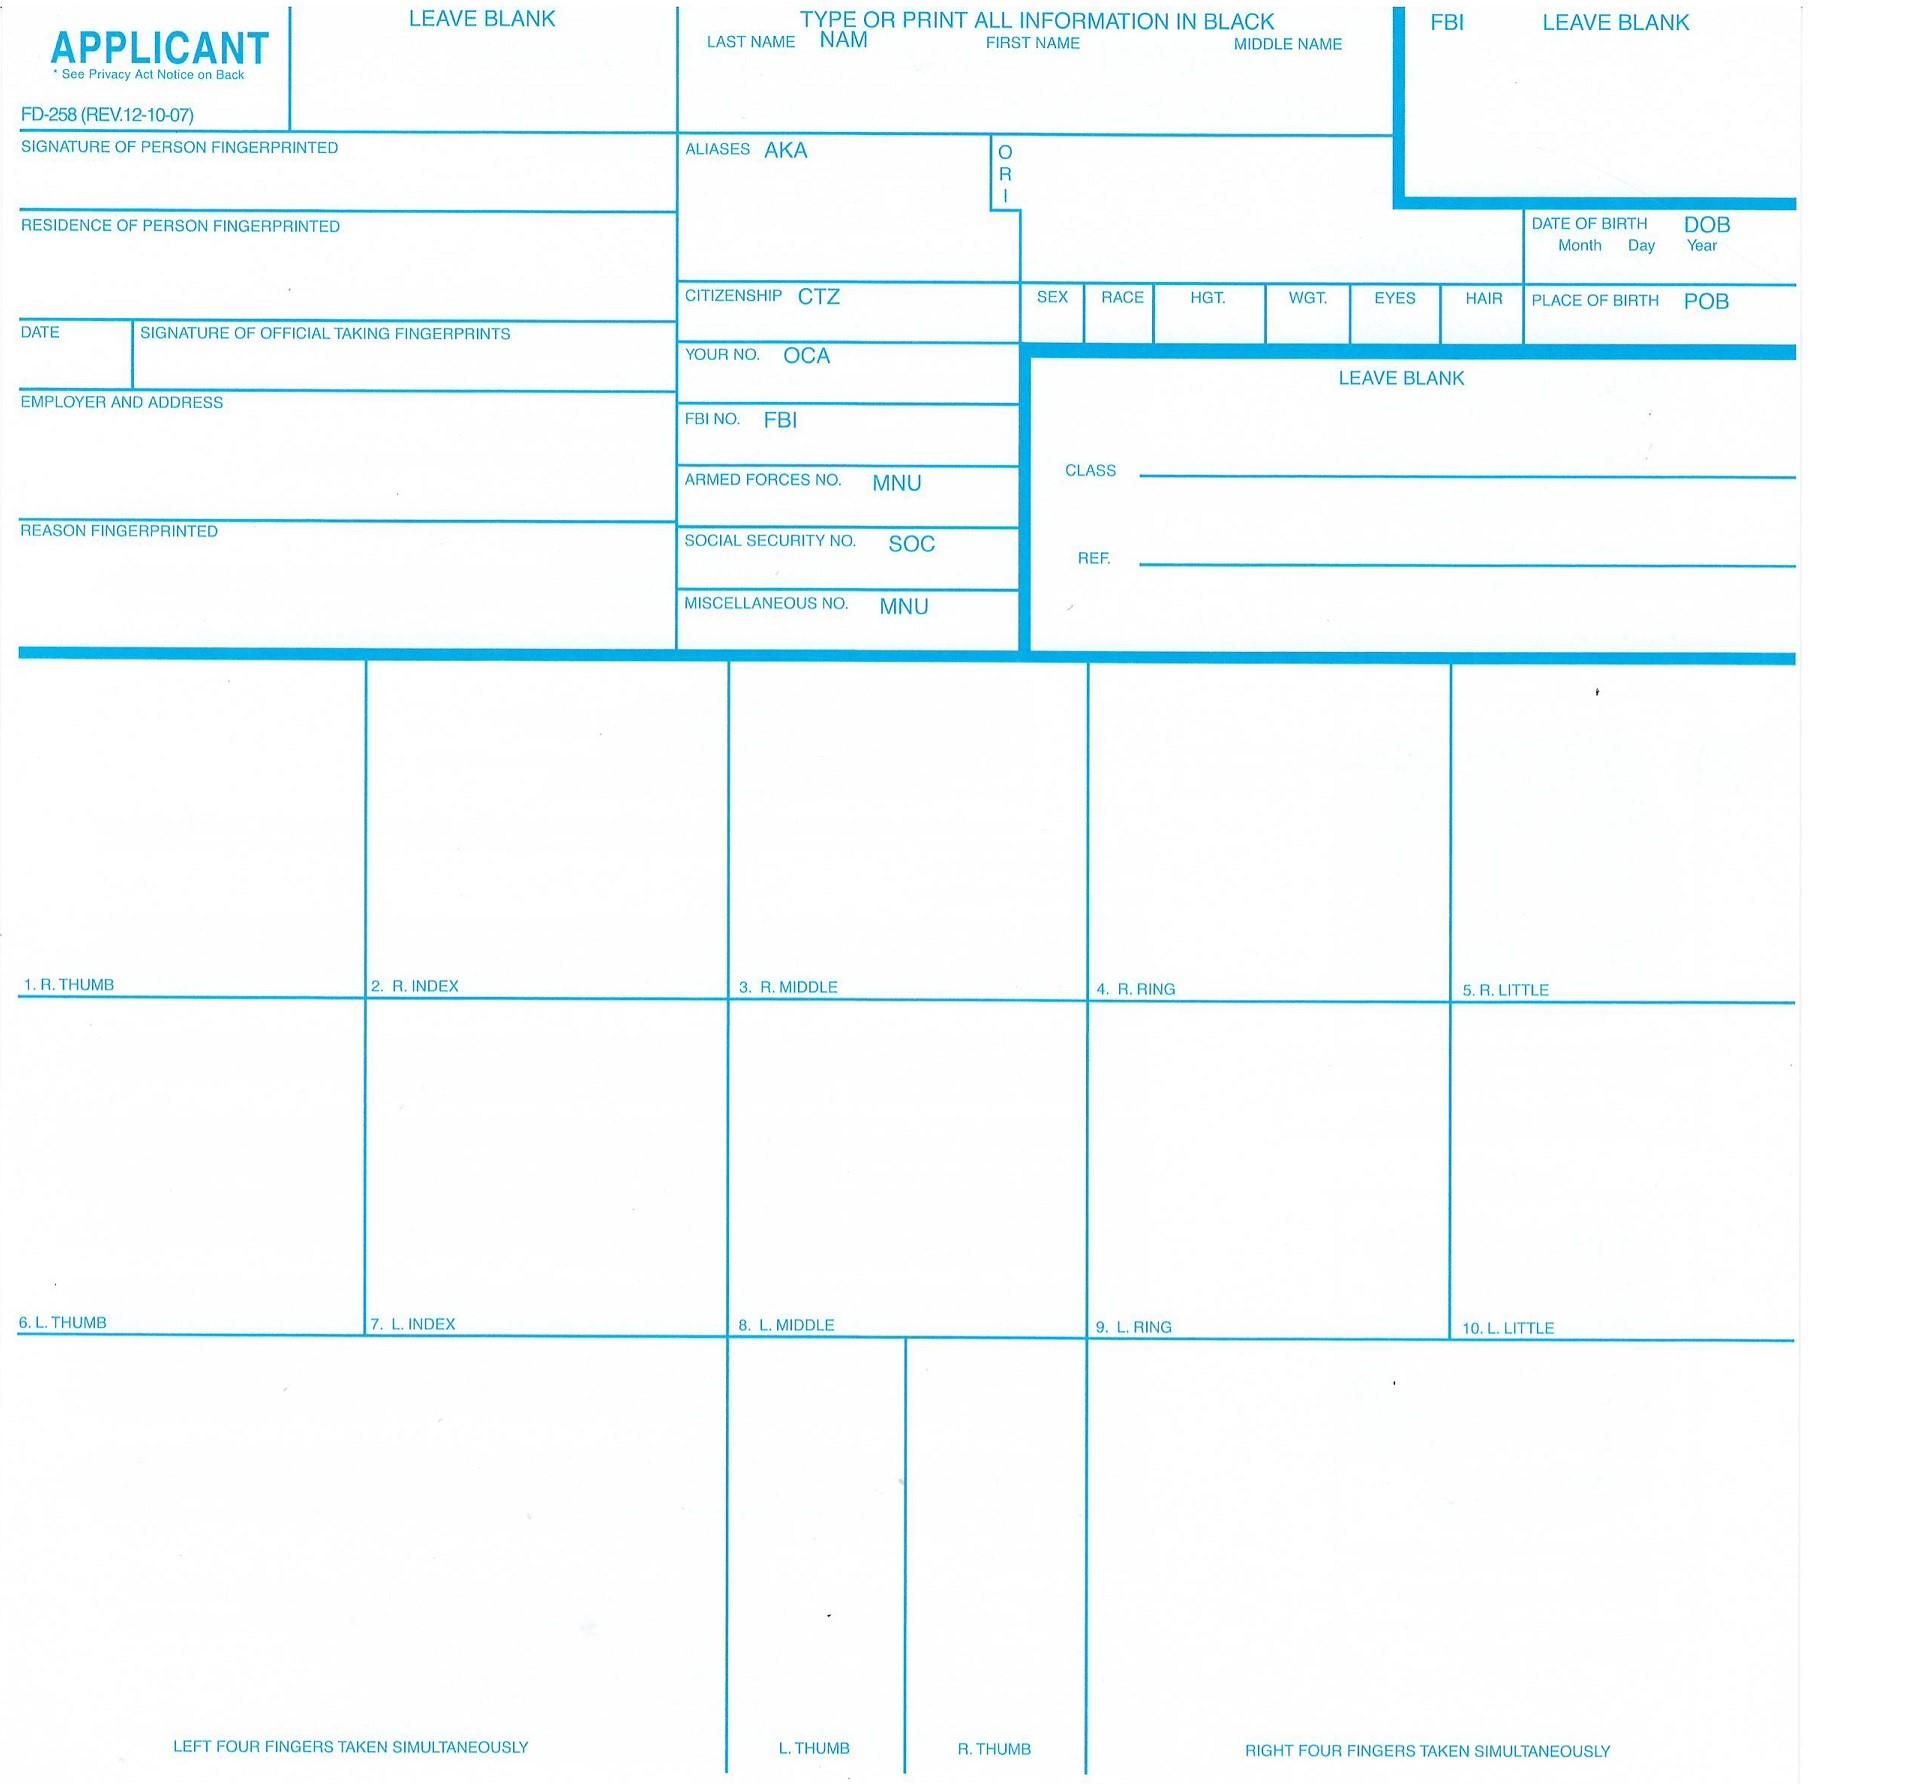 Fingerprint Cards – FBI Form FD-258, 10 pack - LIVESCAN Fingerprinting